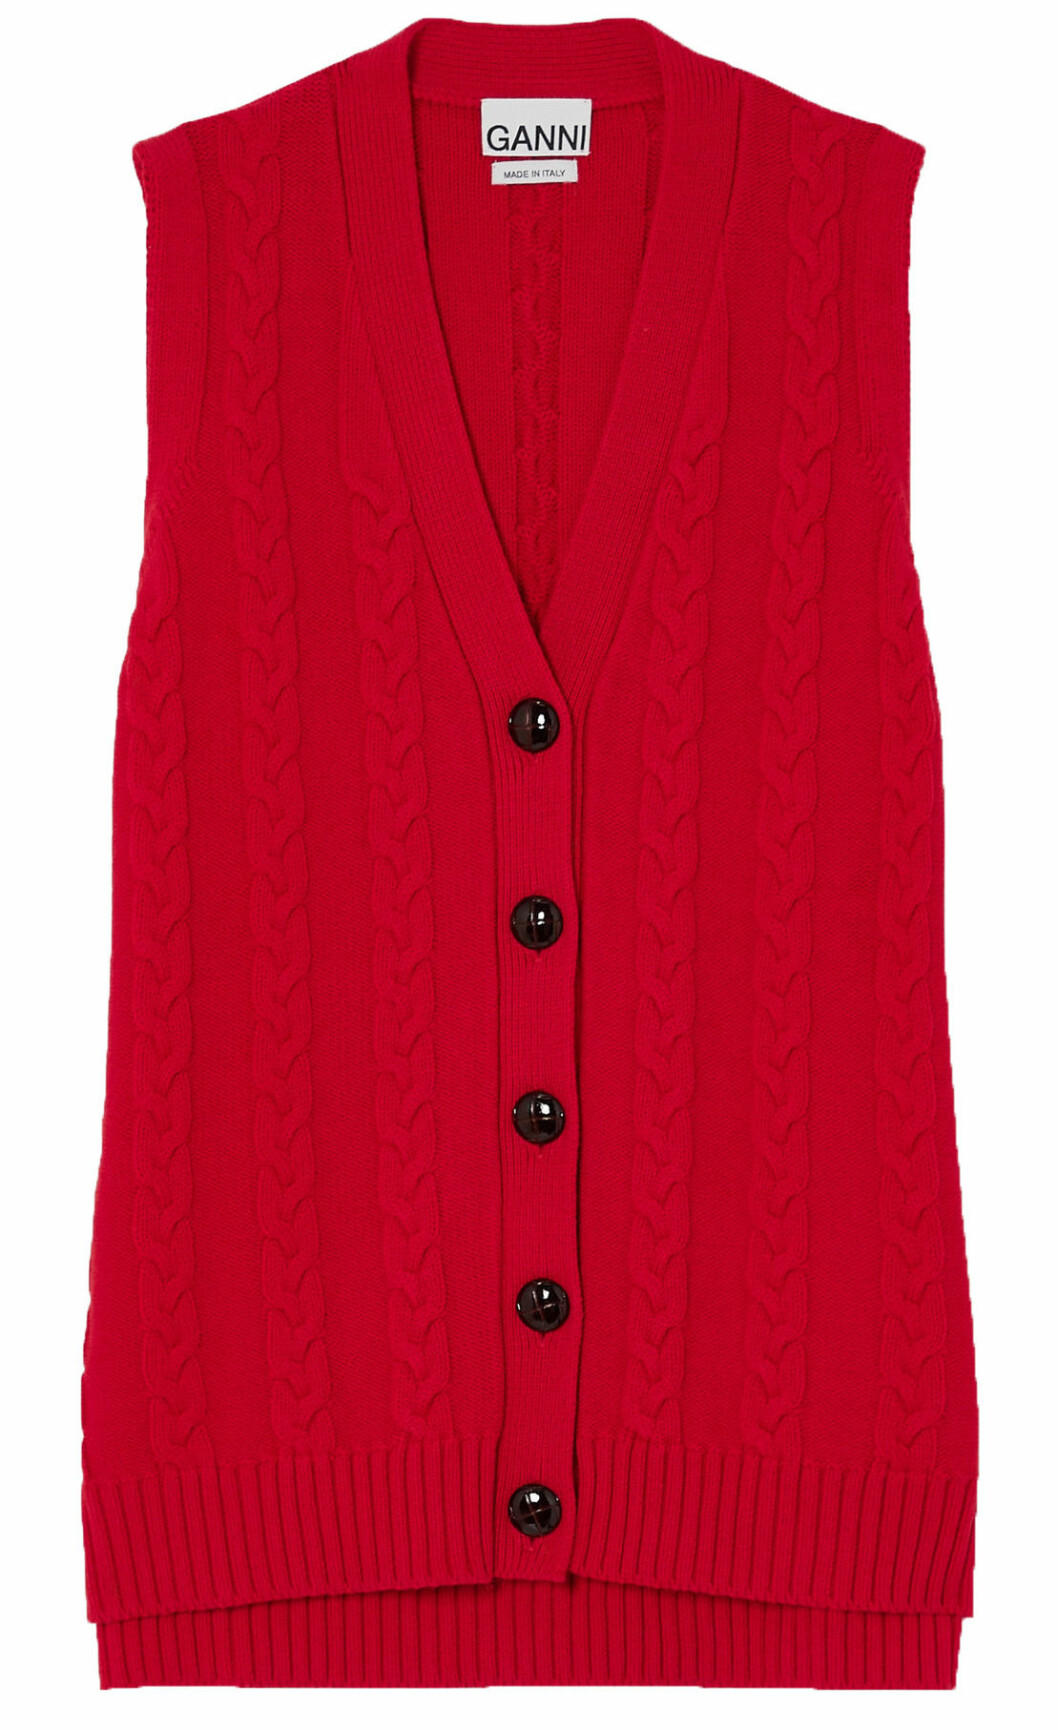 Röd väst med knappar från Ganni.